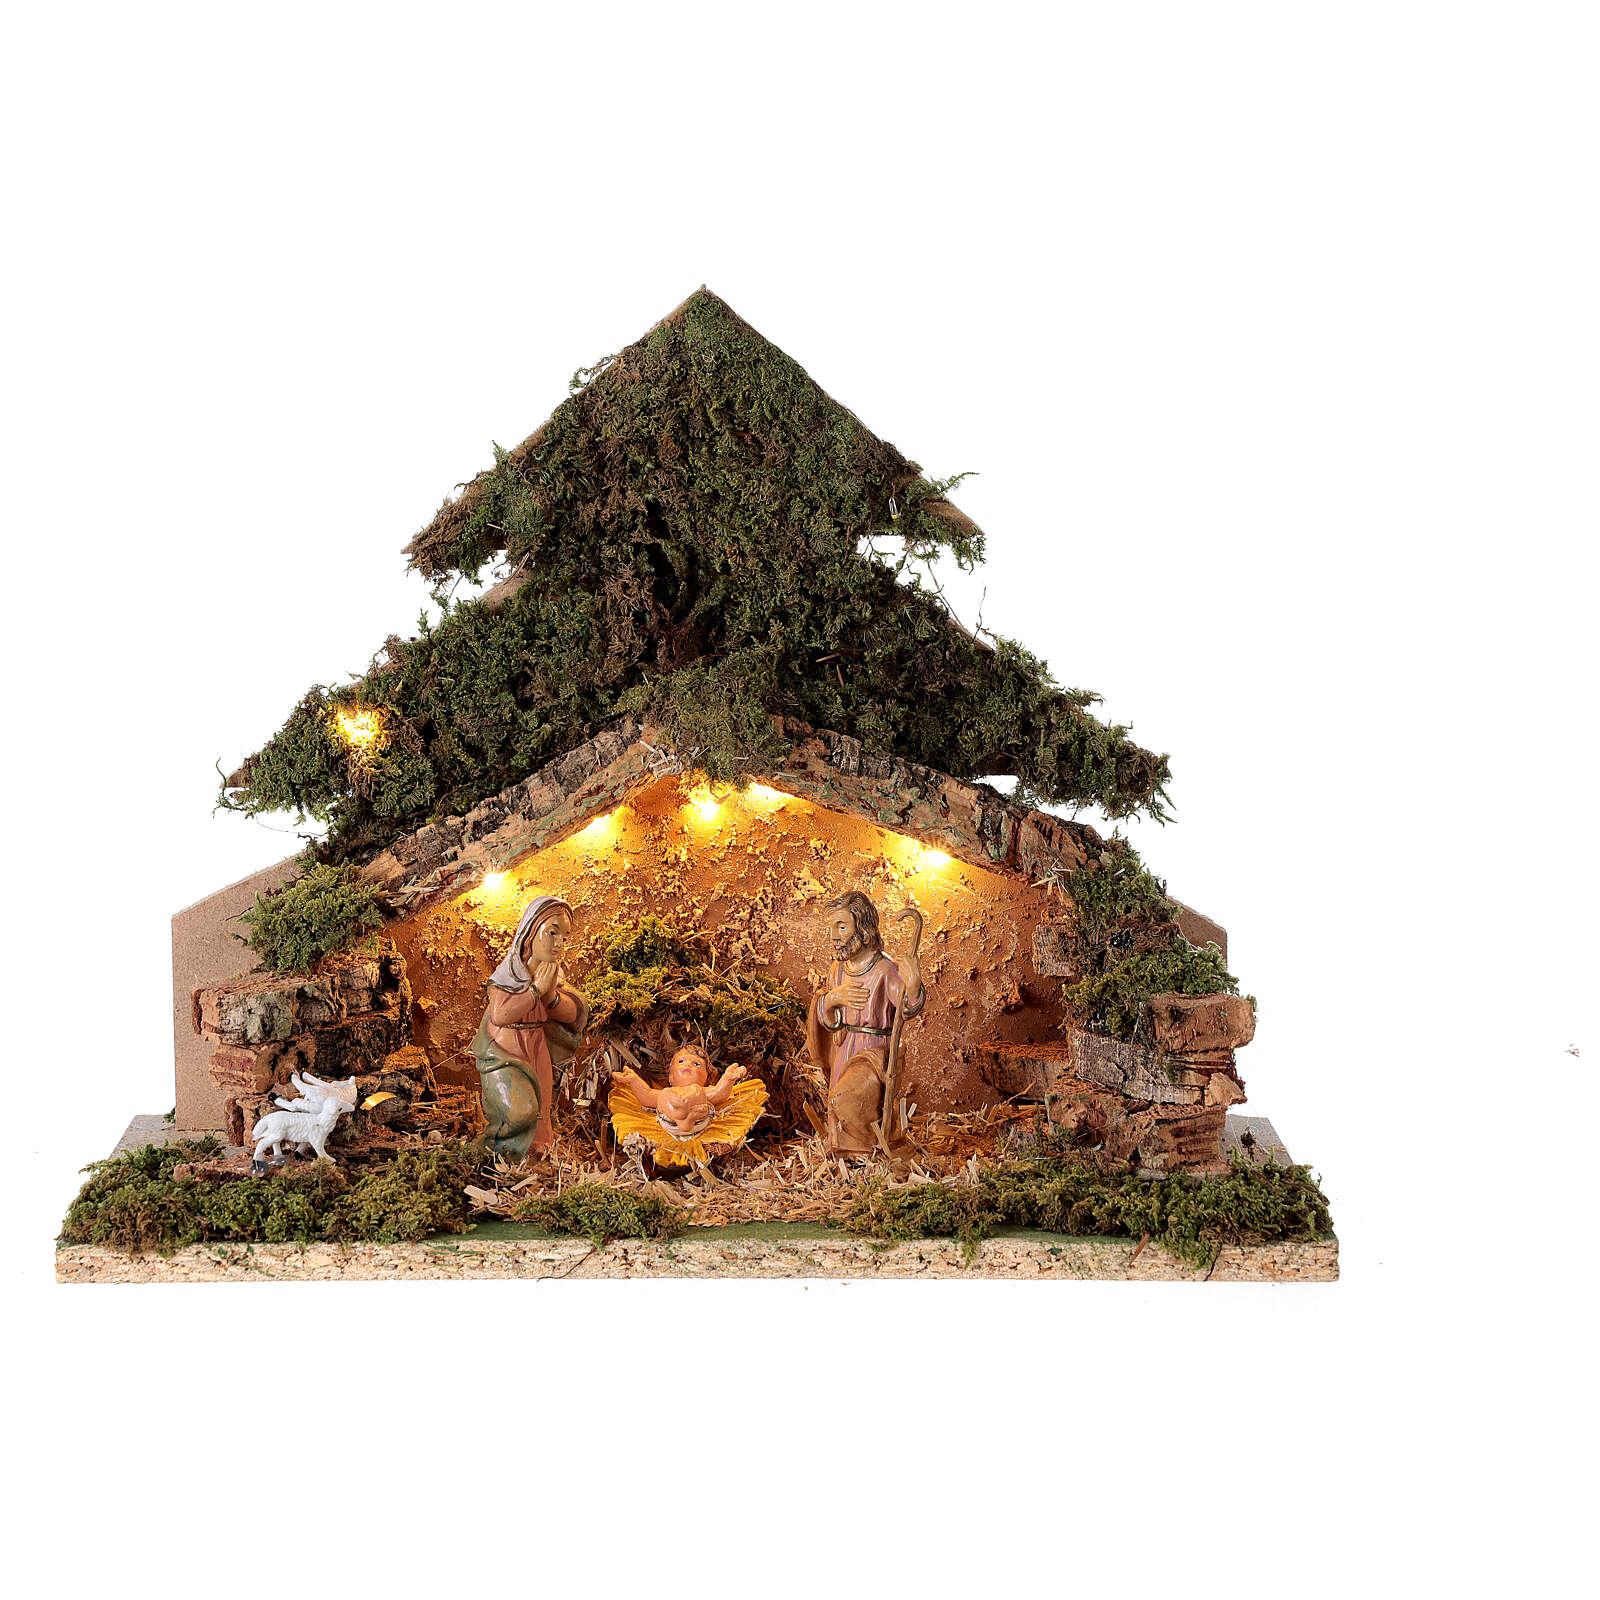 Grotta con natività forma albero illuminata presepe 10 cm 4